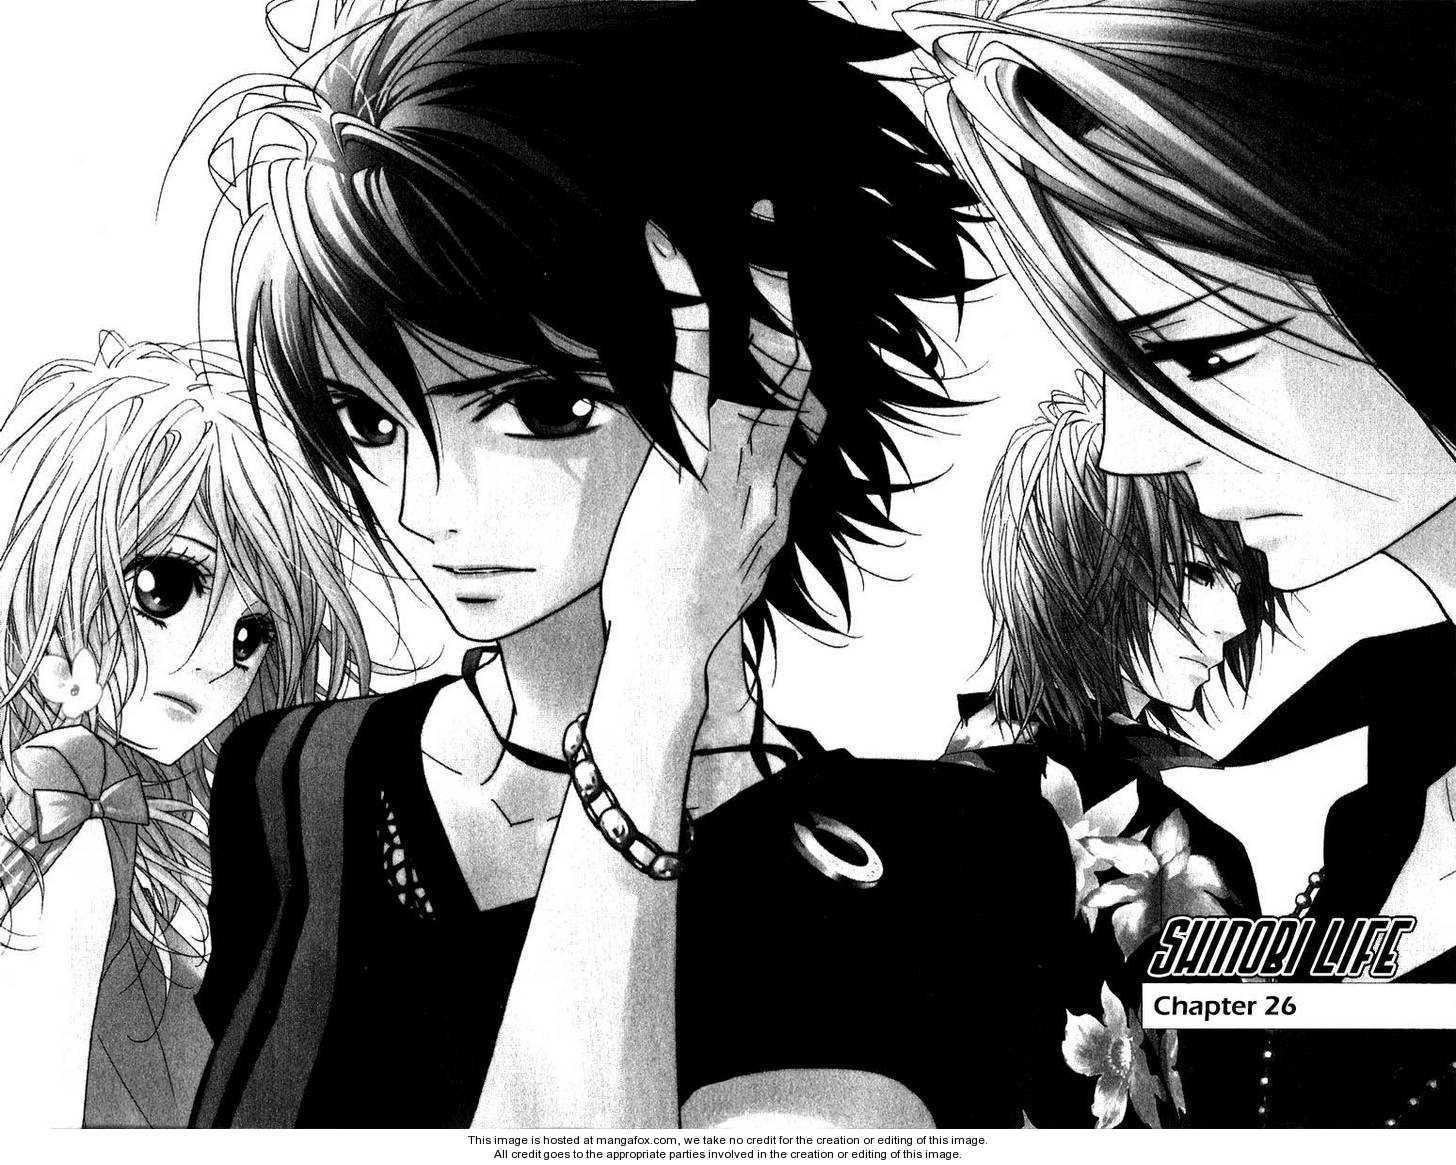 Shinobi Life 26 Page 2